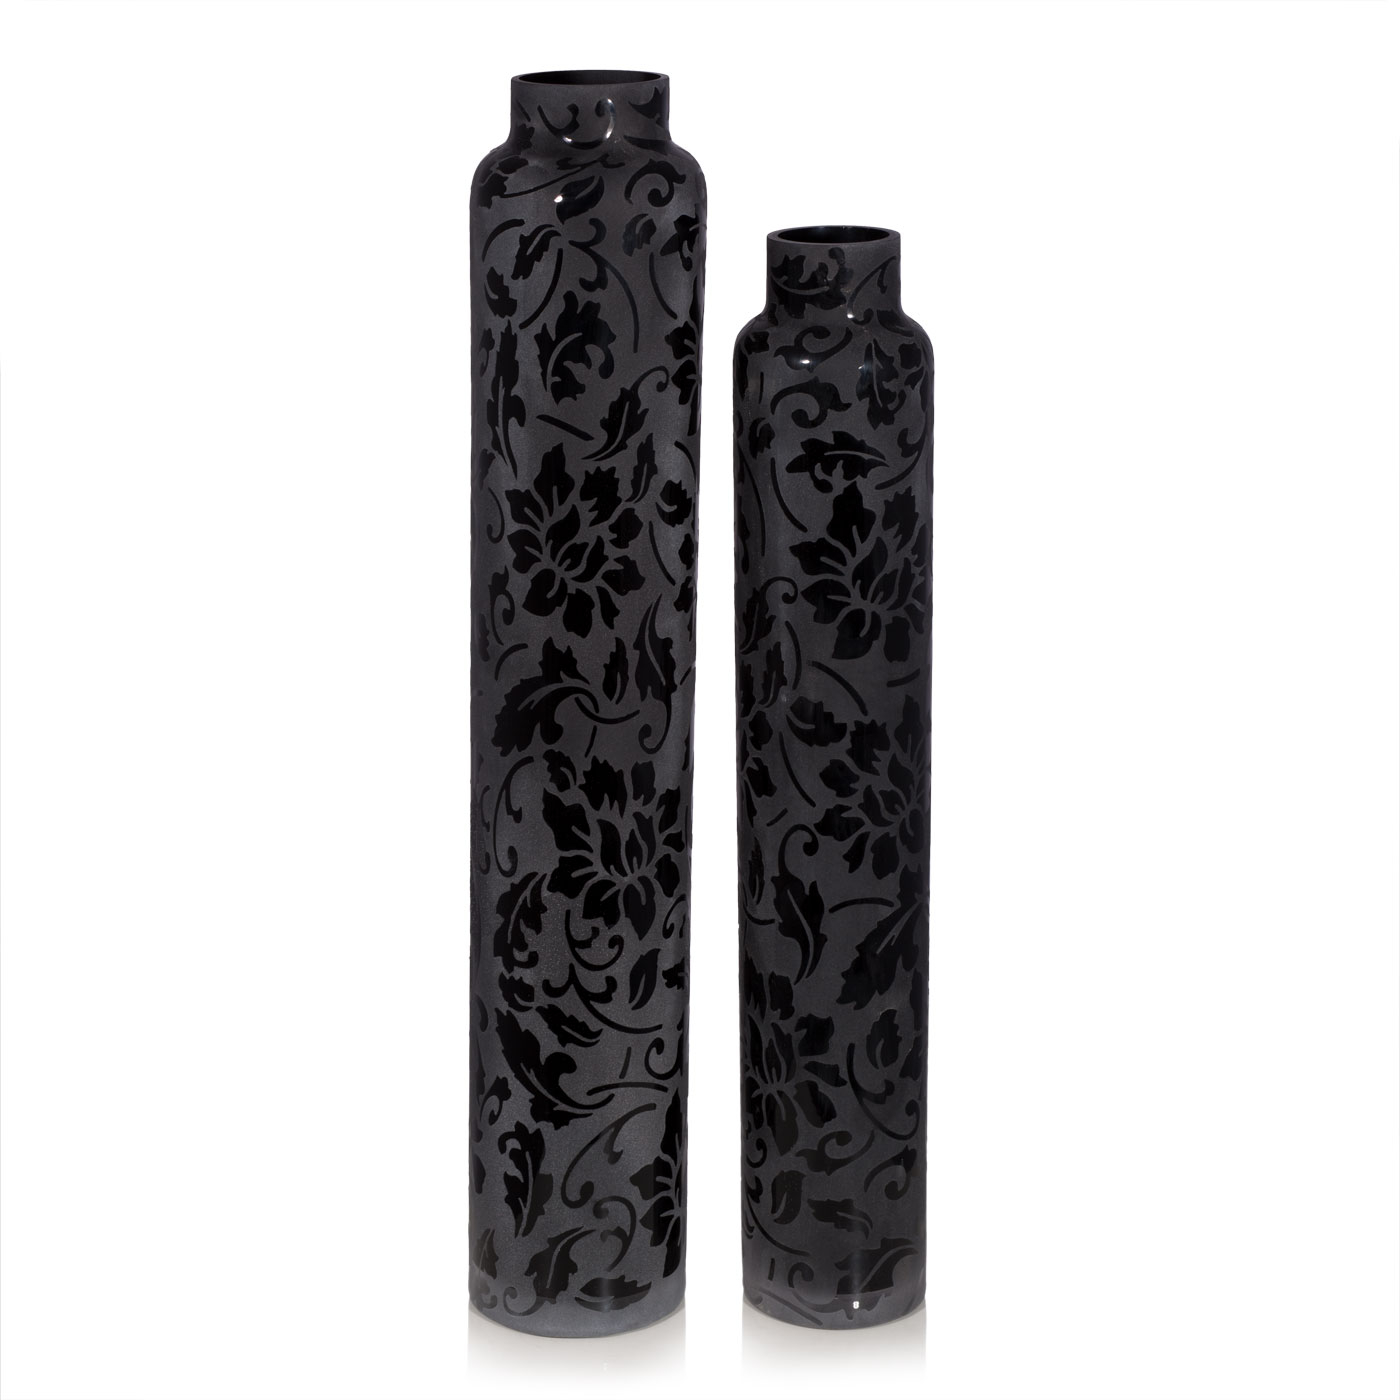 Купить Вазы Home Philosophy, Ваза Lumia Цвет: Черный (10х55 см, малая), Китай, Стекло